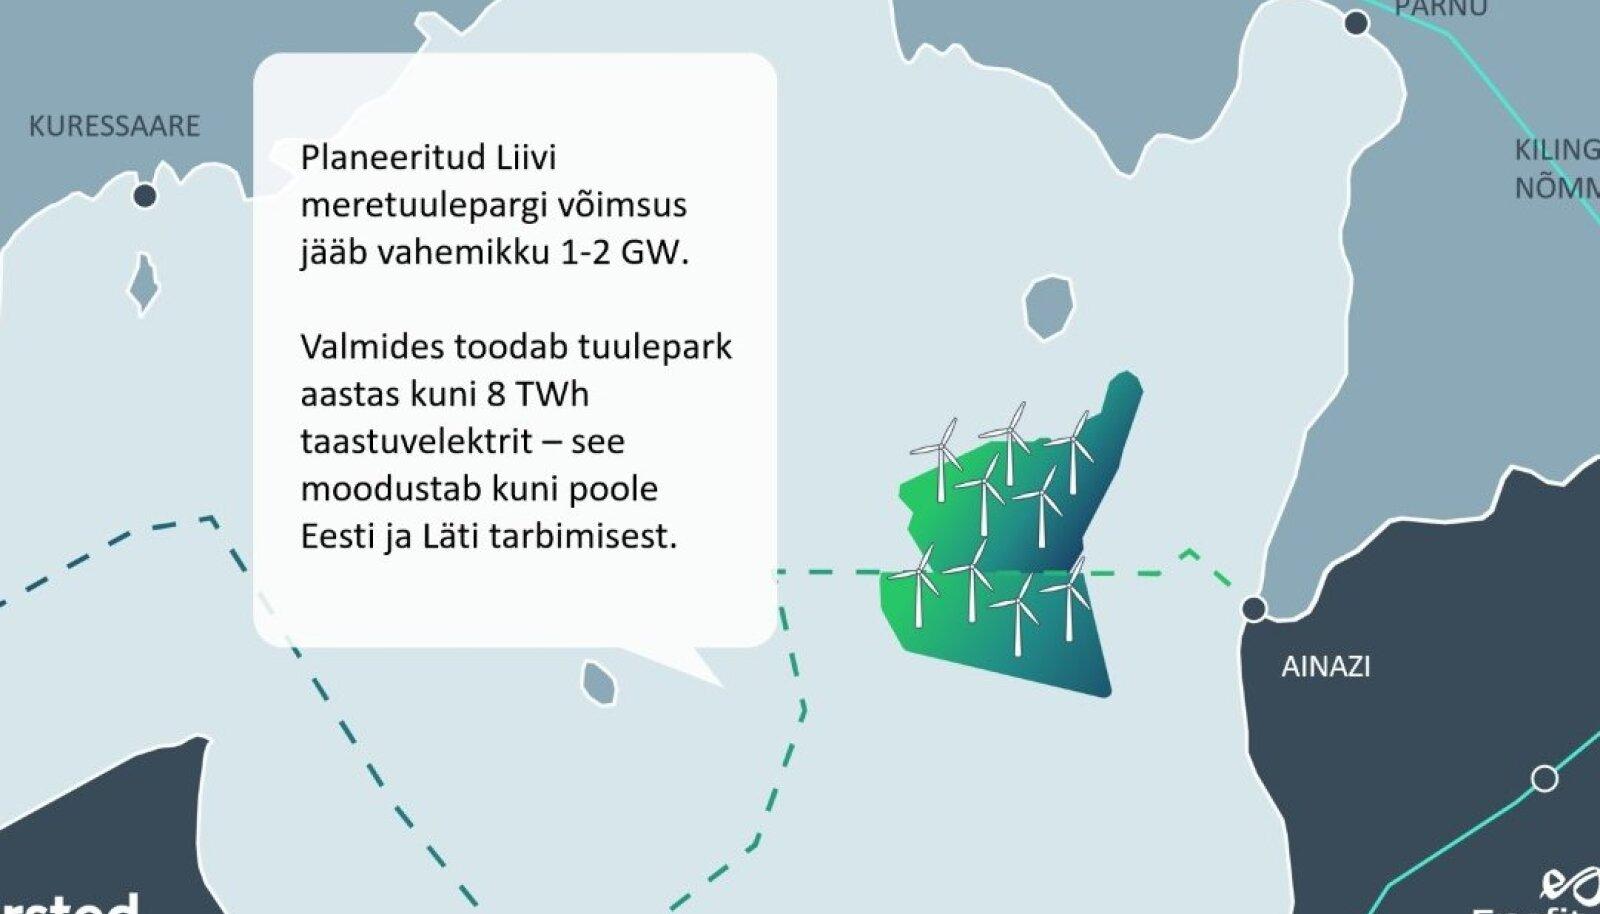 Planeeritud Liivi meretuulepark